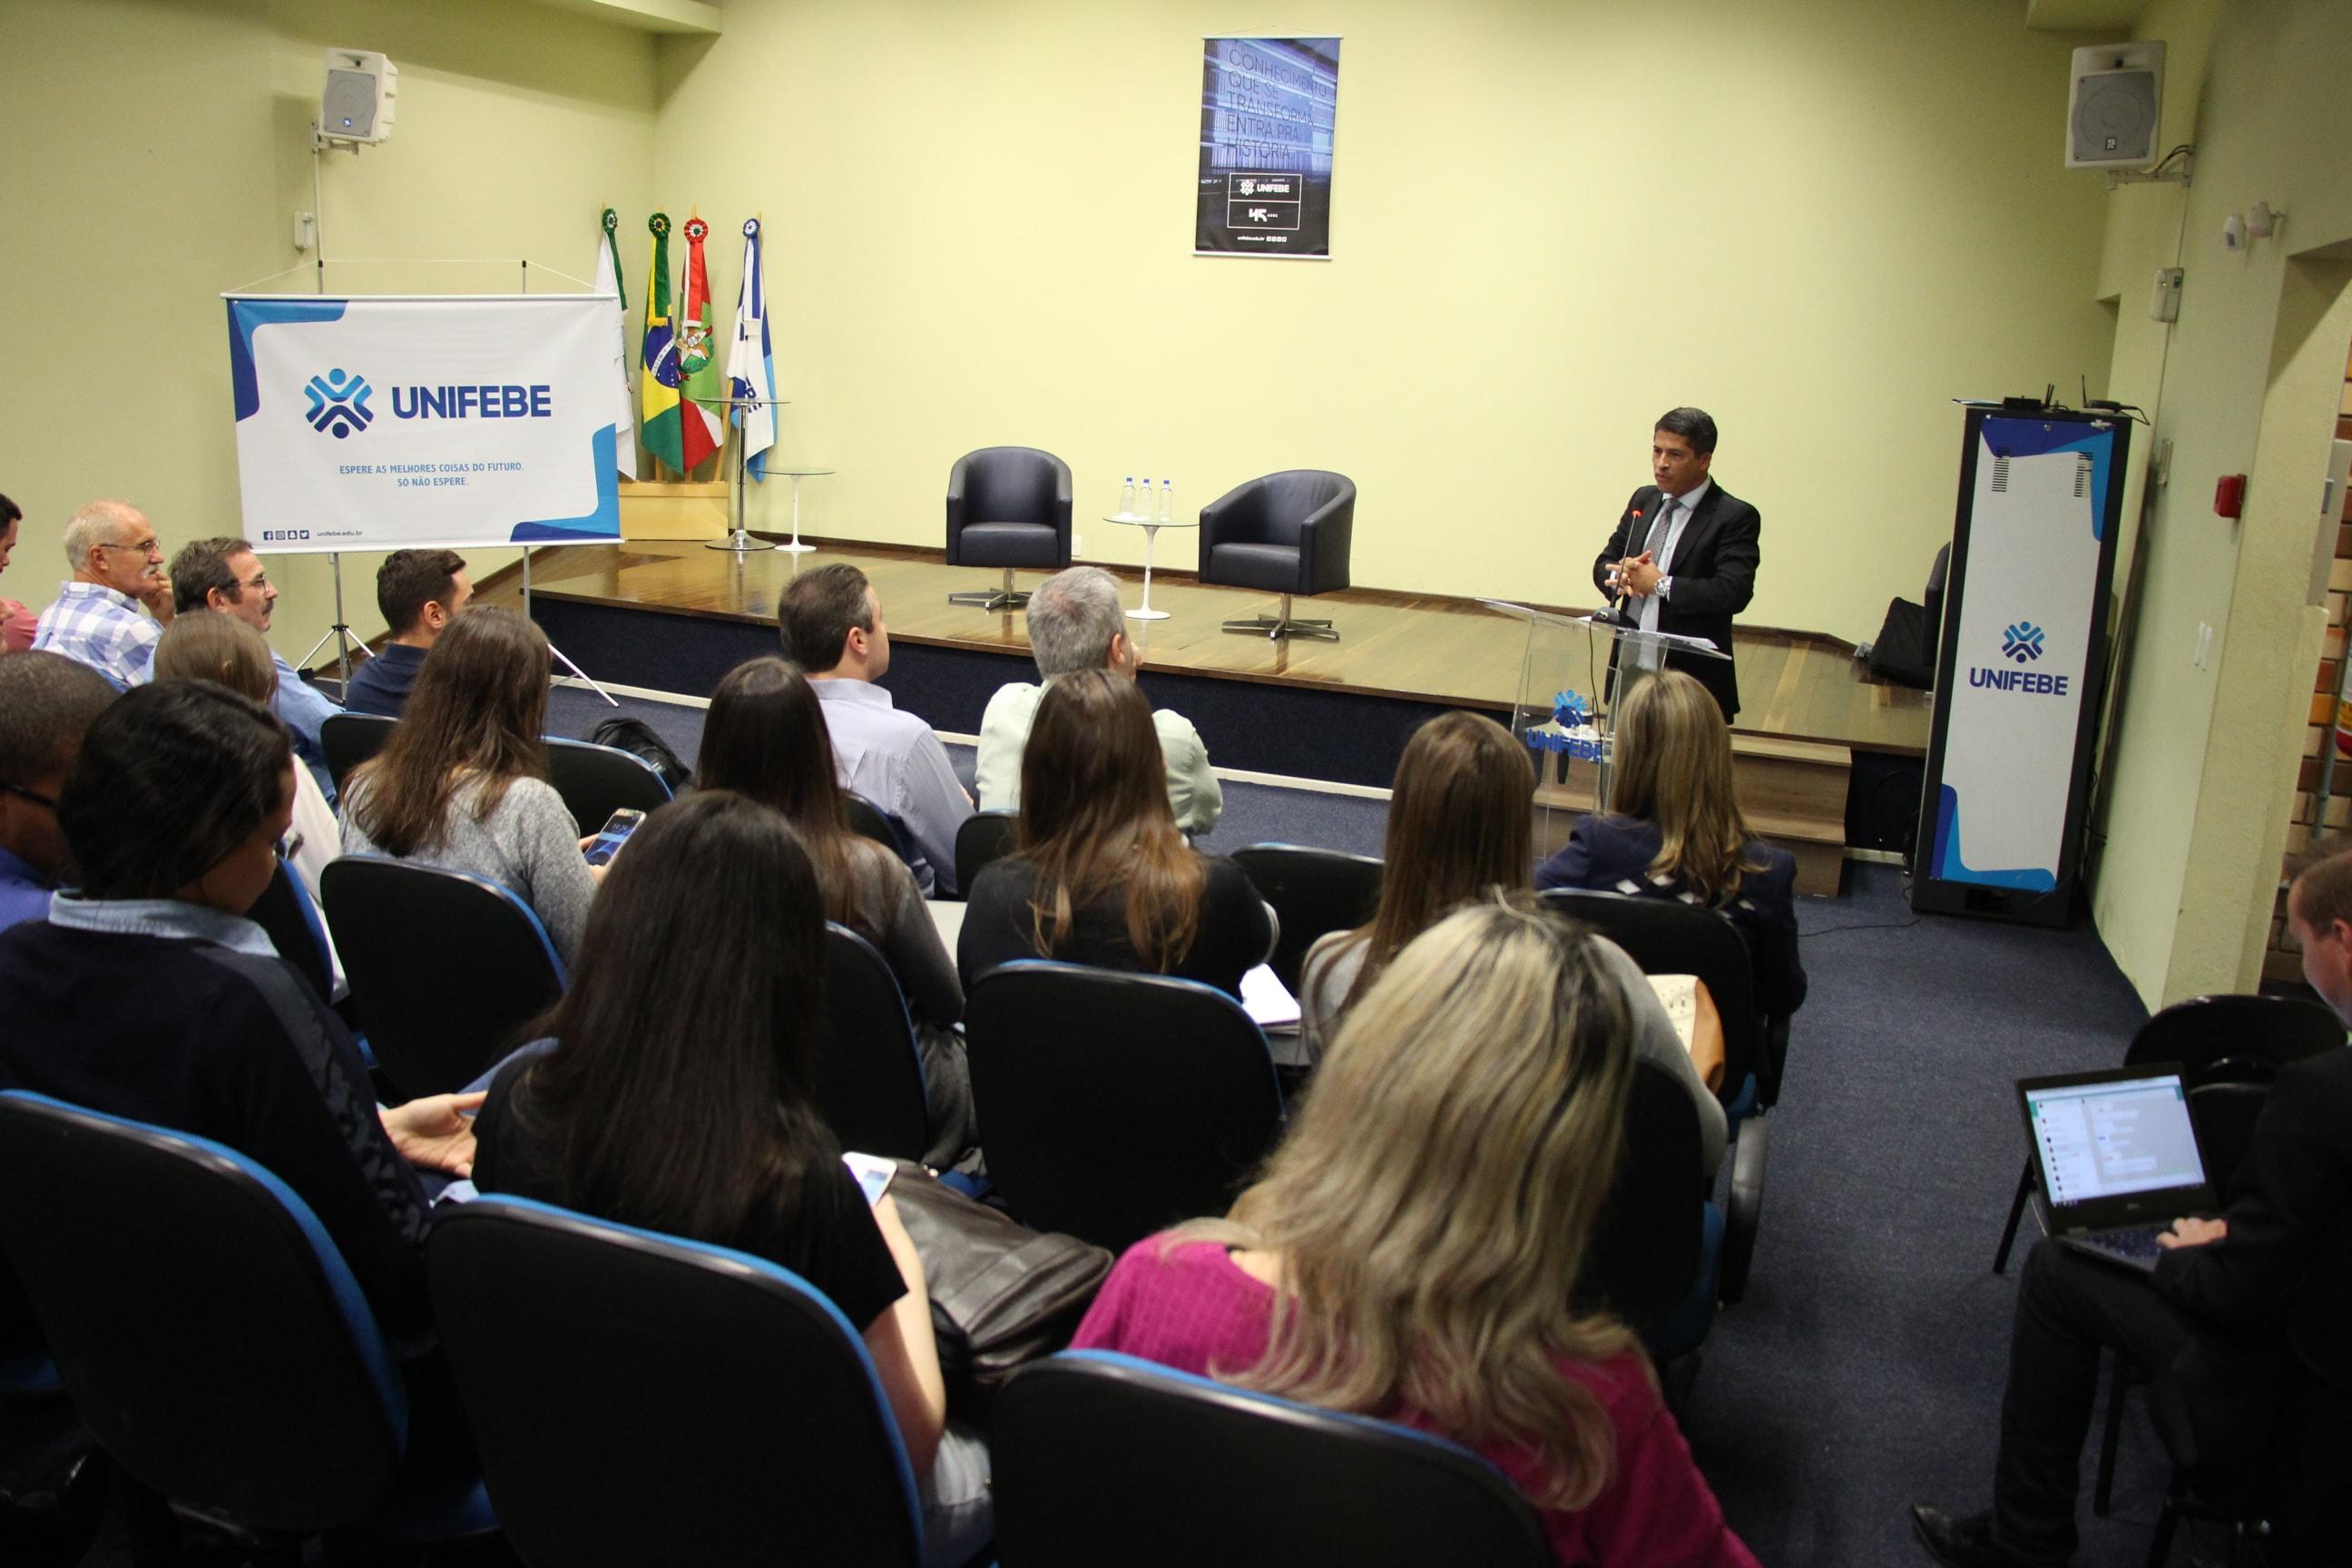 Profissionais debatem cases jurídicos em Workshop de Direito